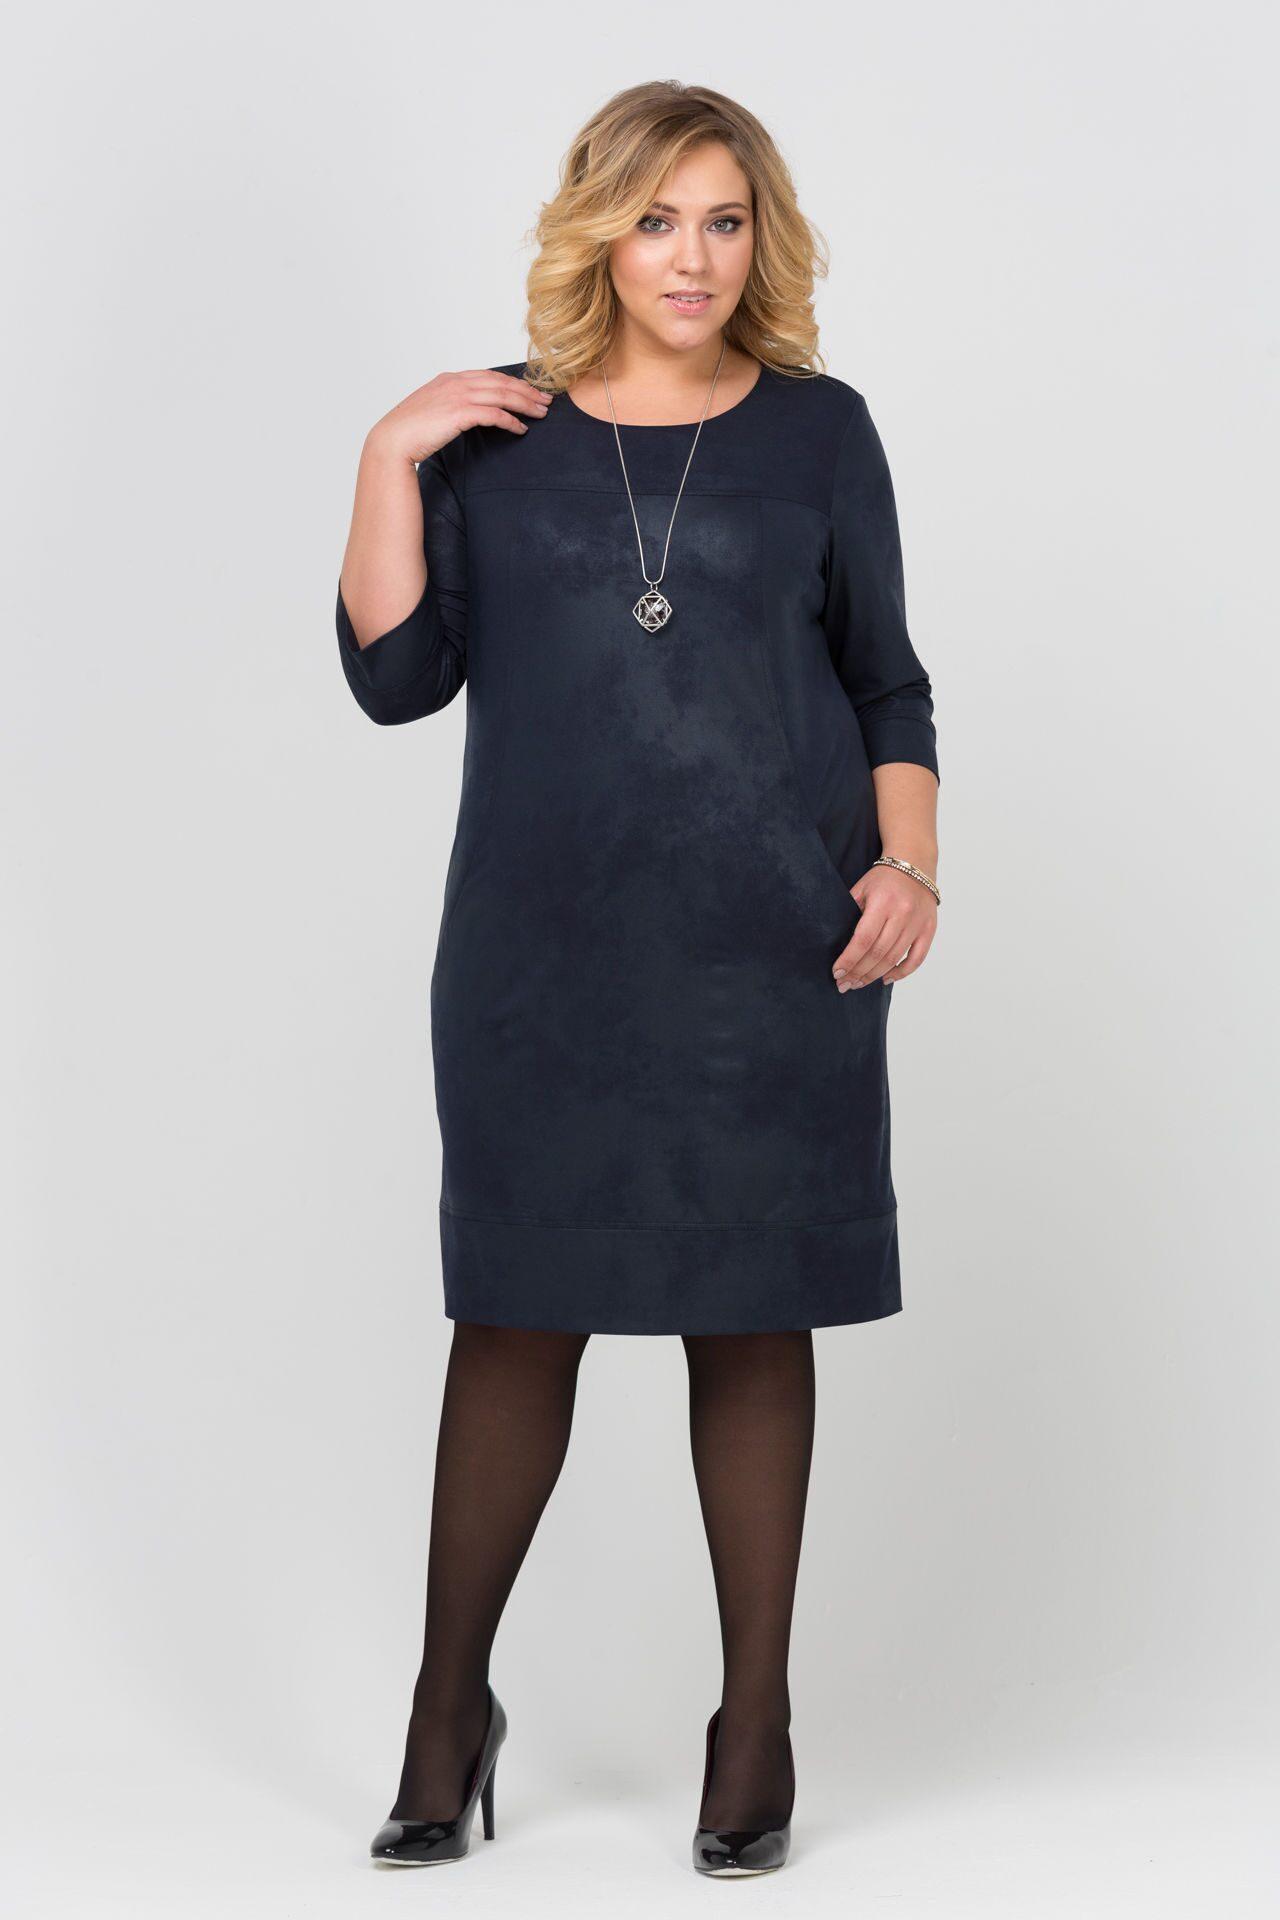 Албио Интернет Магазин Женской Одежды С Доставкой